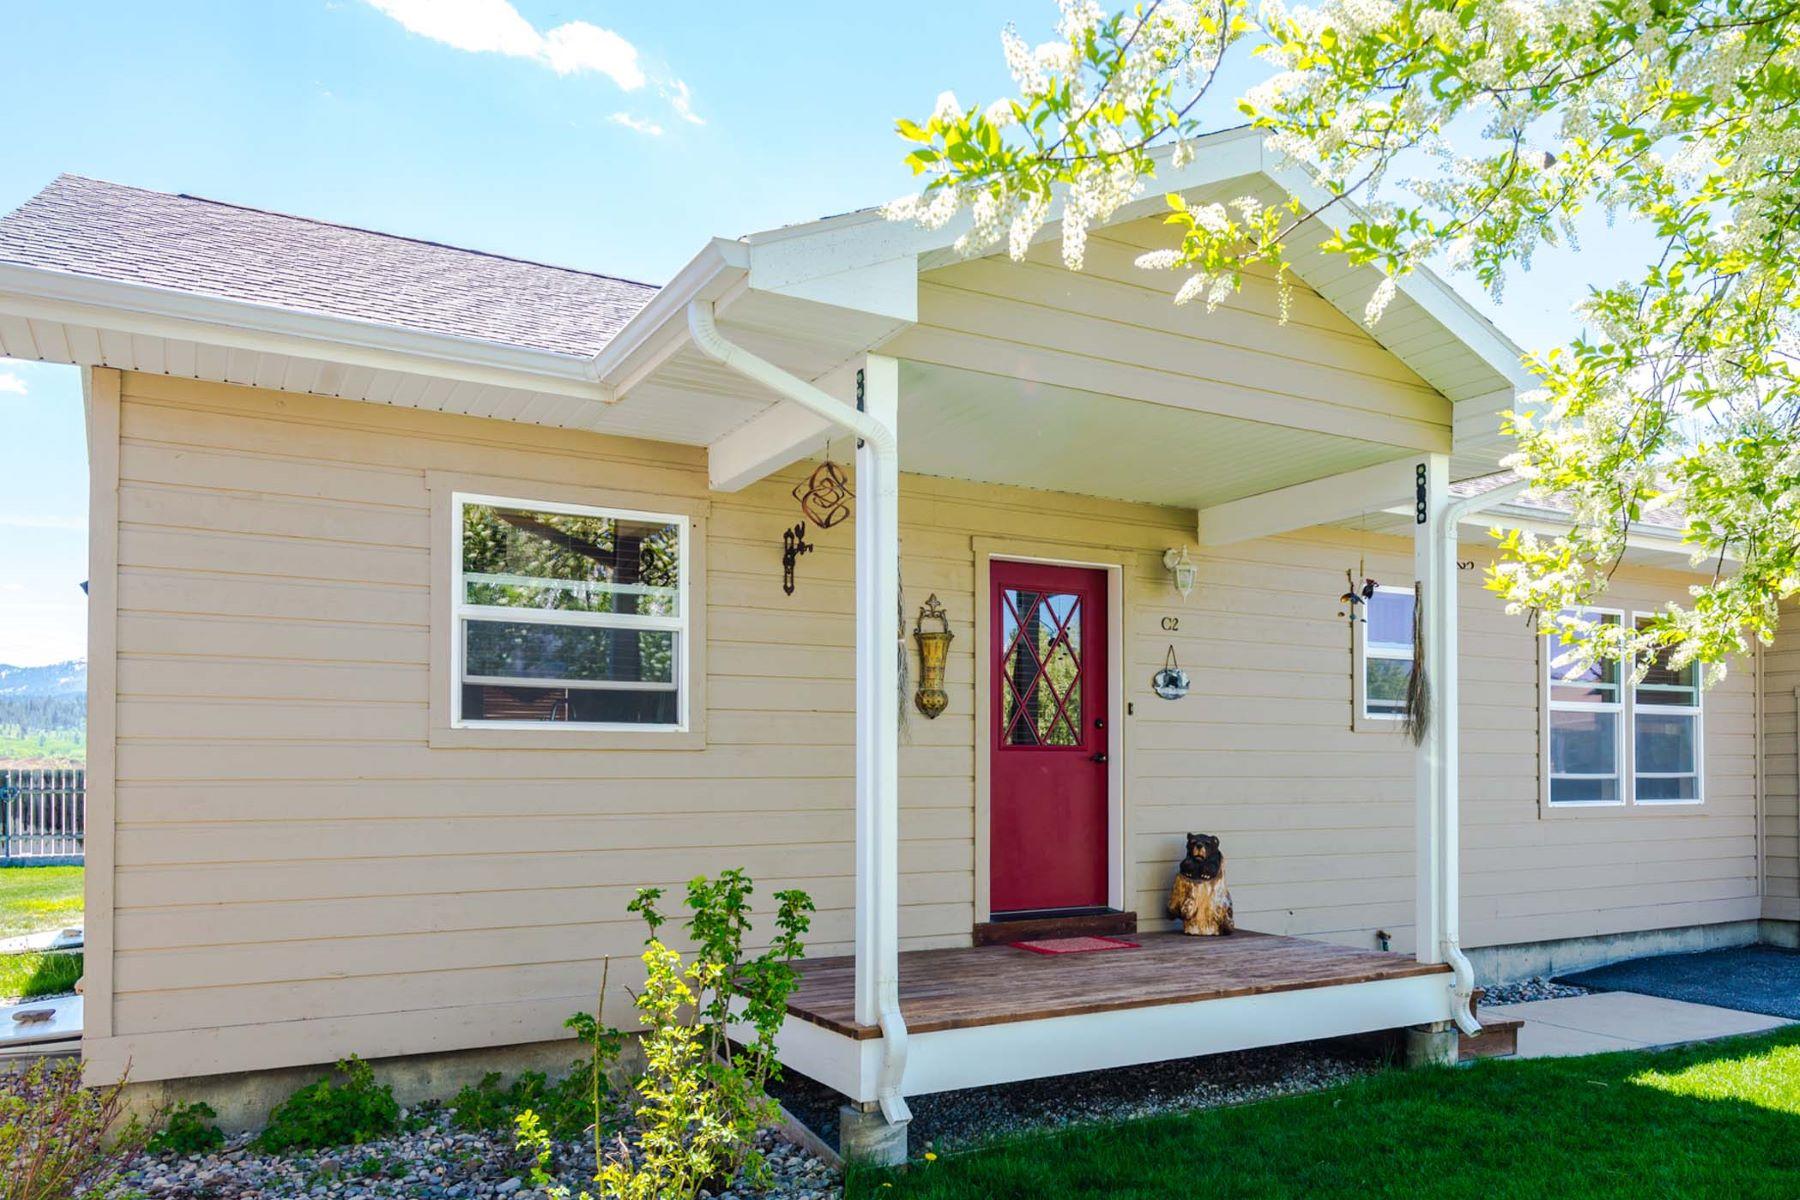 Casa Unifamiliar por un Venta en Remodeled Four Bedroom Townhome 504 Snake River Drive, Unit C2 Alpine, Wyoming 83128 Estados Unidos